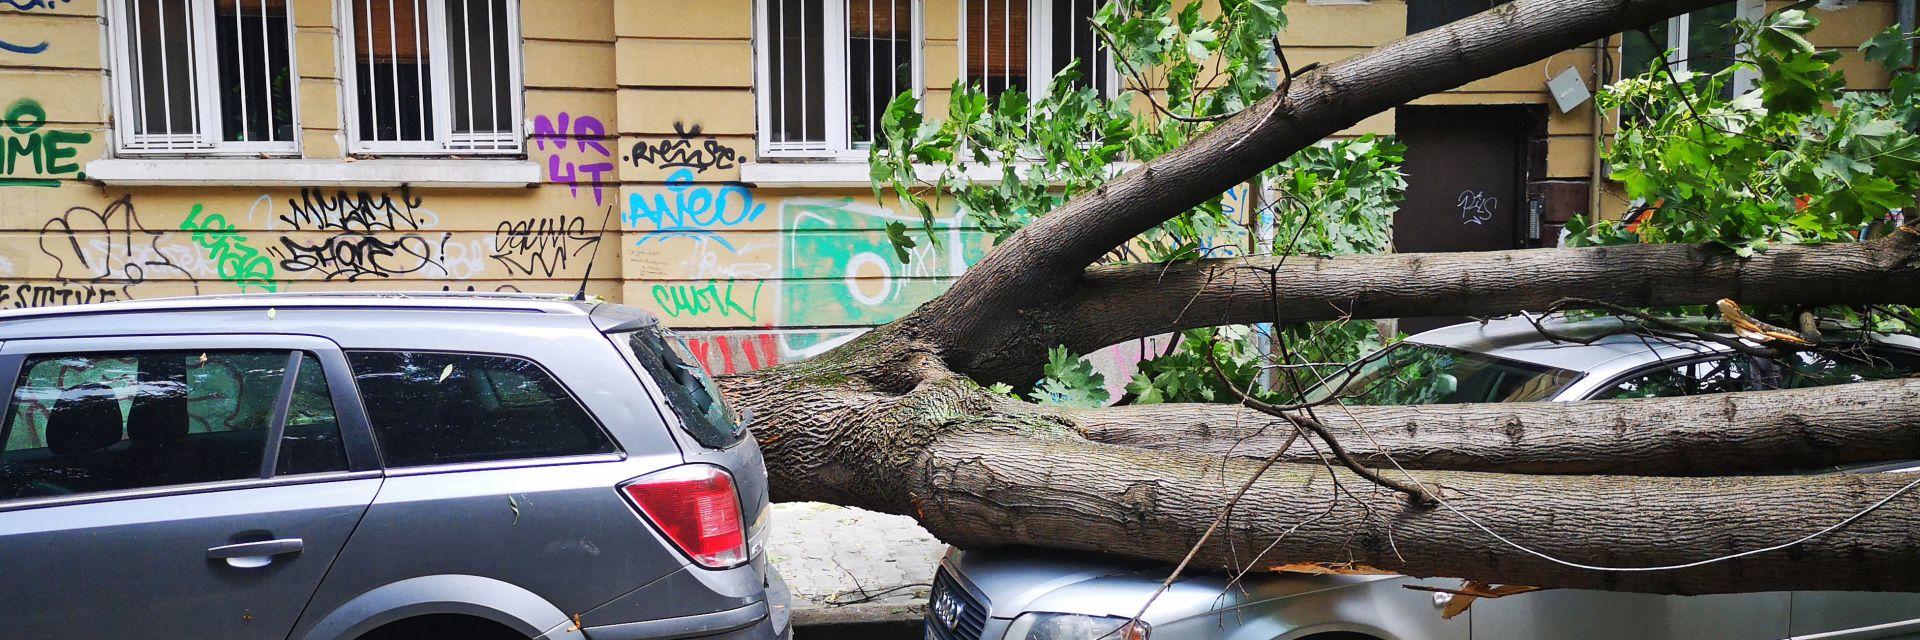 След бурята в София - клон падна и удари човек, дърво затисна коли (снимки)